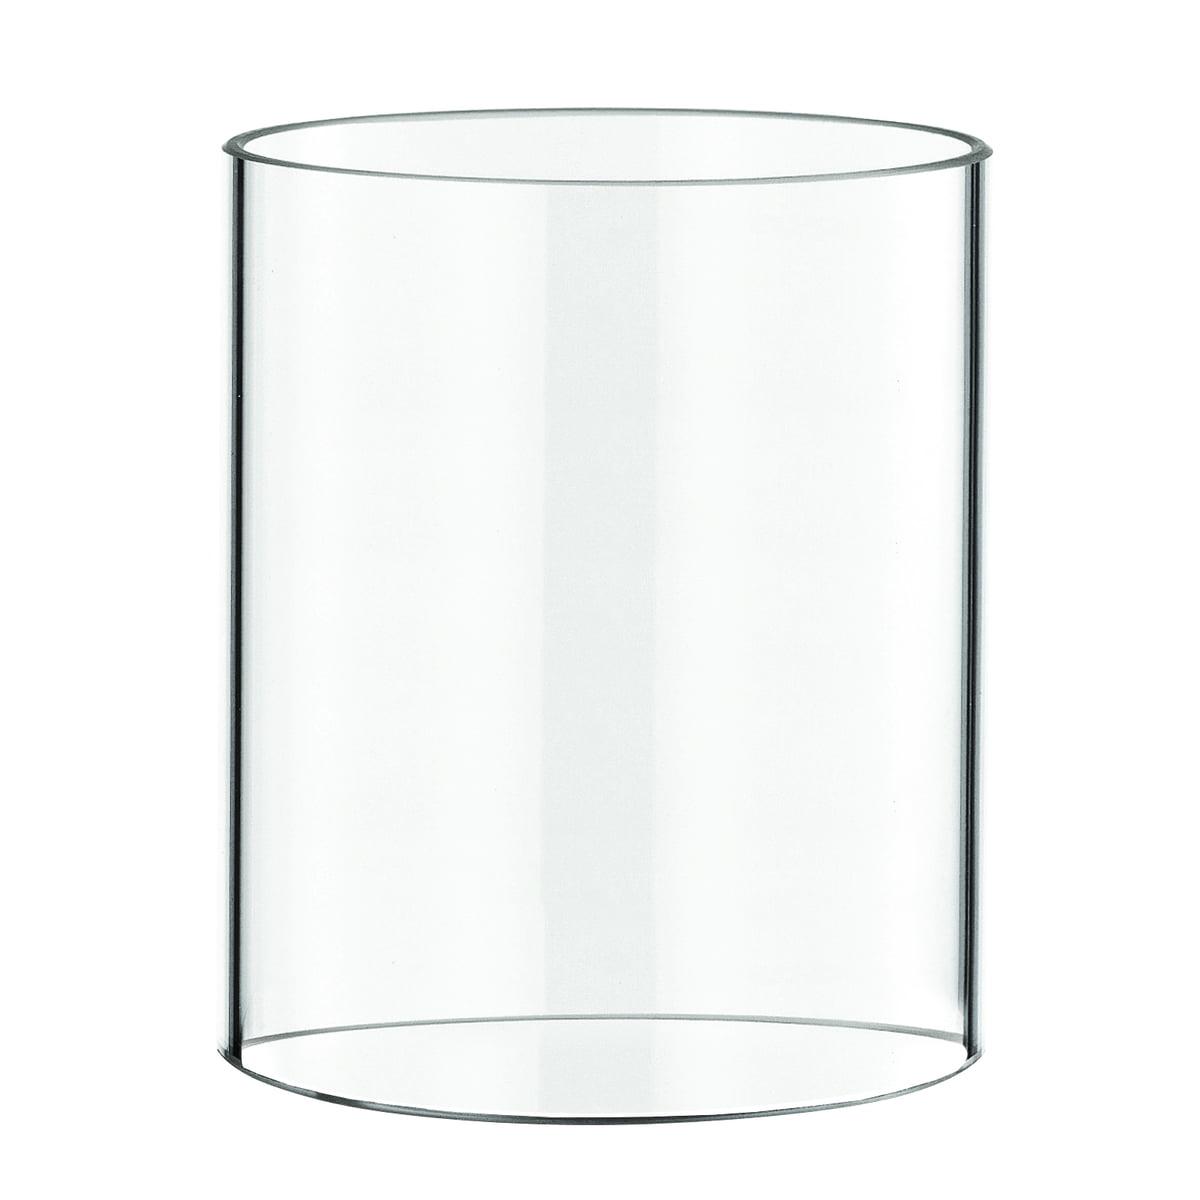 Ersatzglas für Öllampe   Stelton   connox.ch